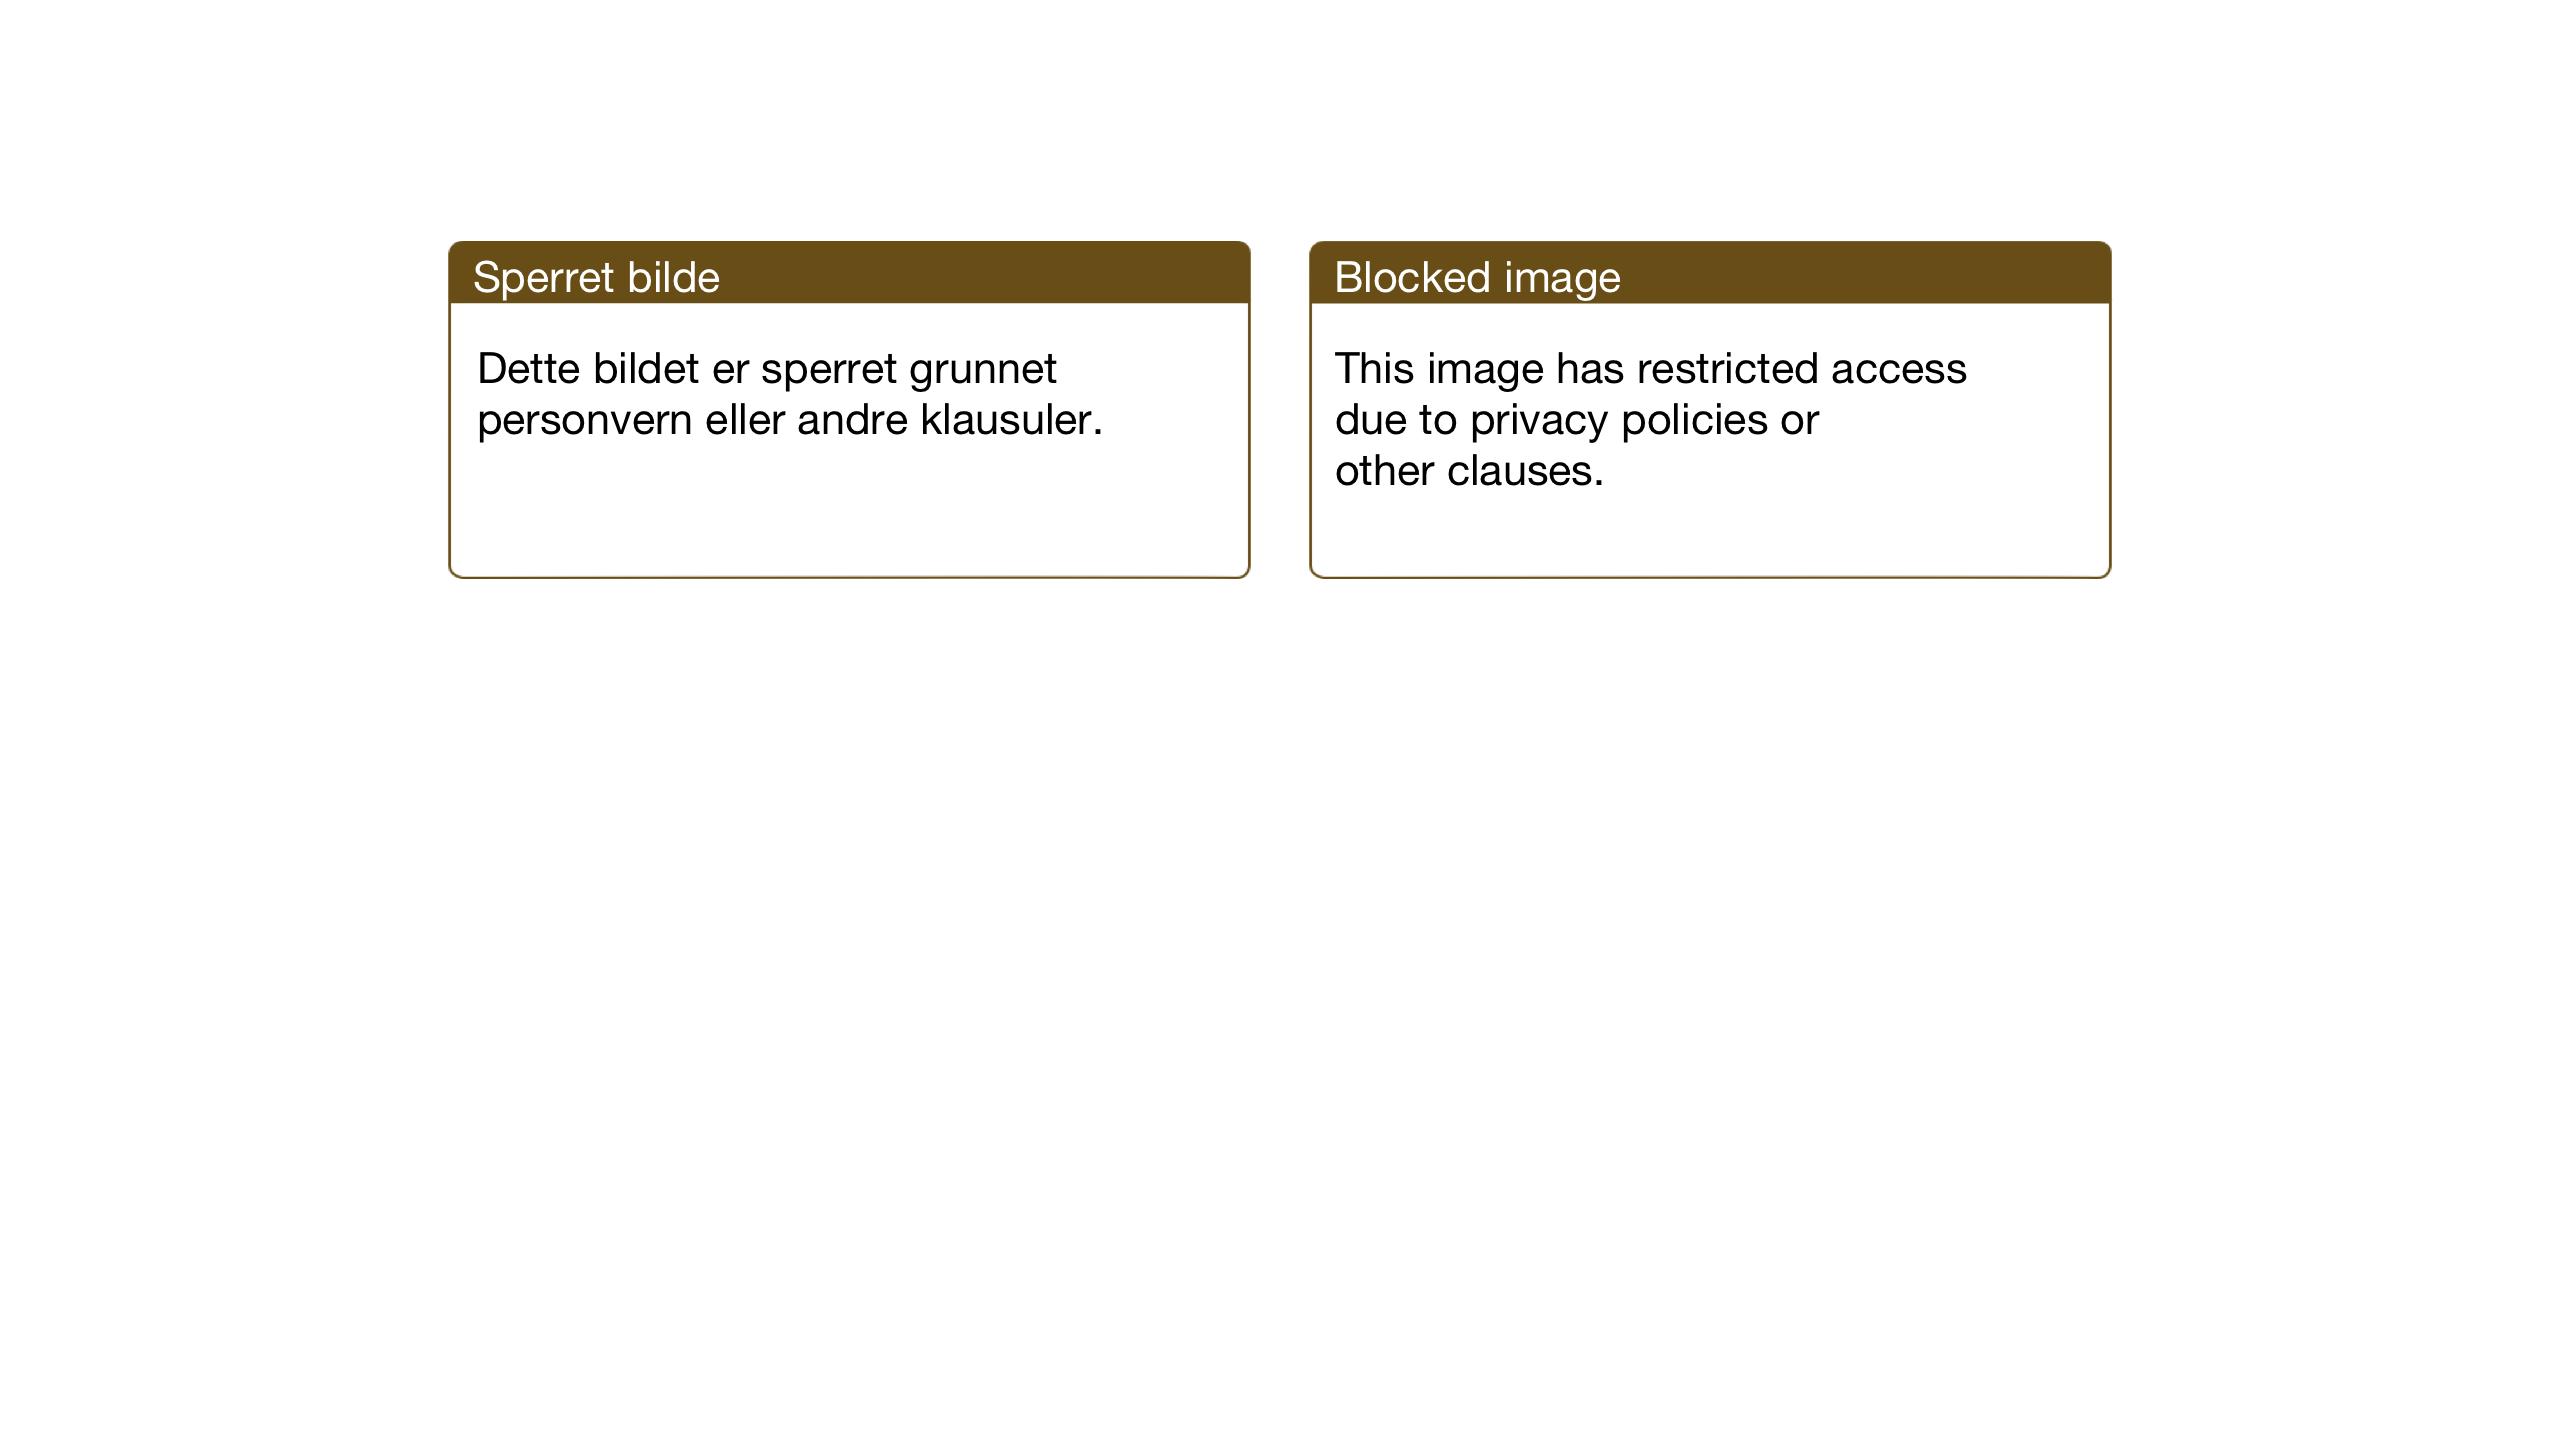 SAT, Ministerialprotokoller, klokkerbøker og fødselsregistre - Sør-Trøndelag, 698/L1169: Klokkerbok nr. 698C06, 1930-1949, s. 26